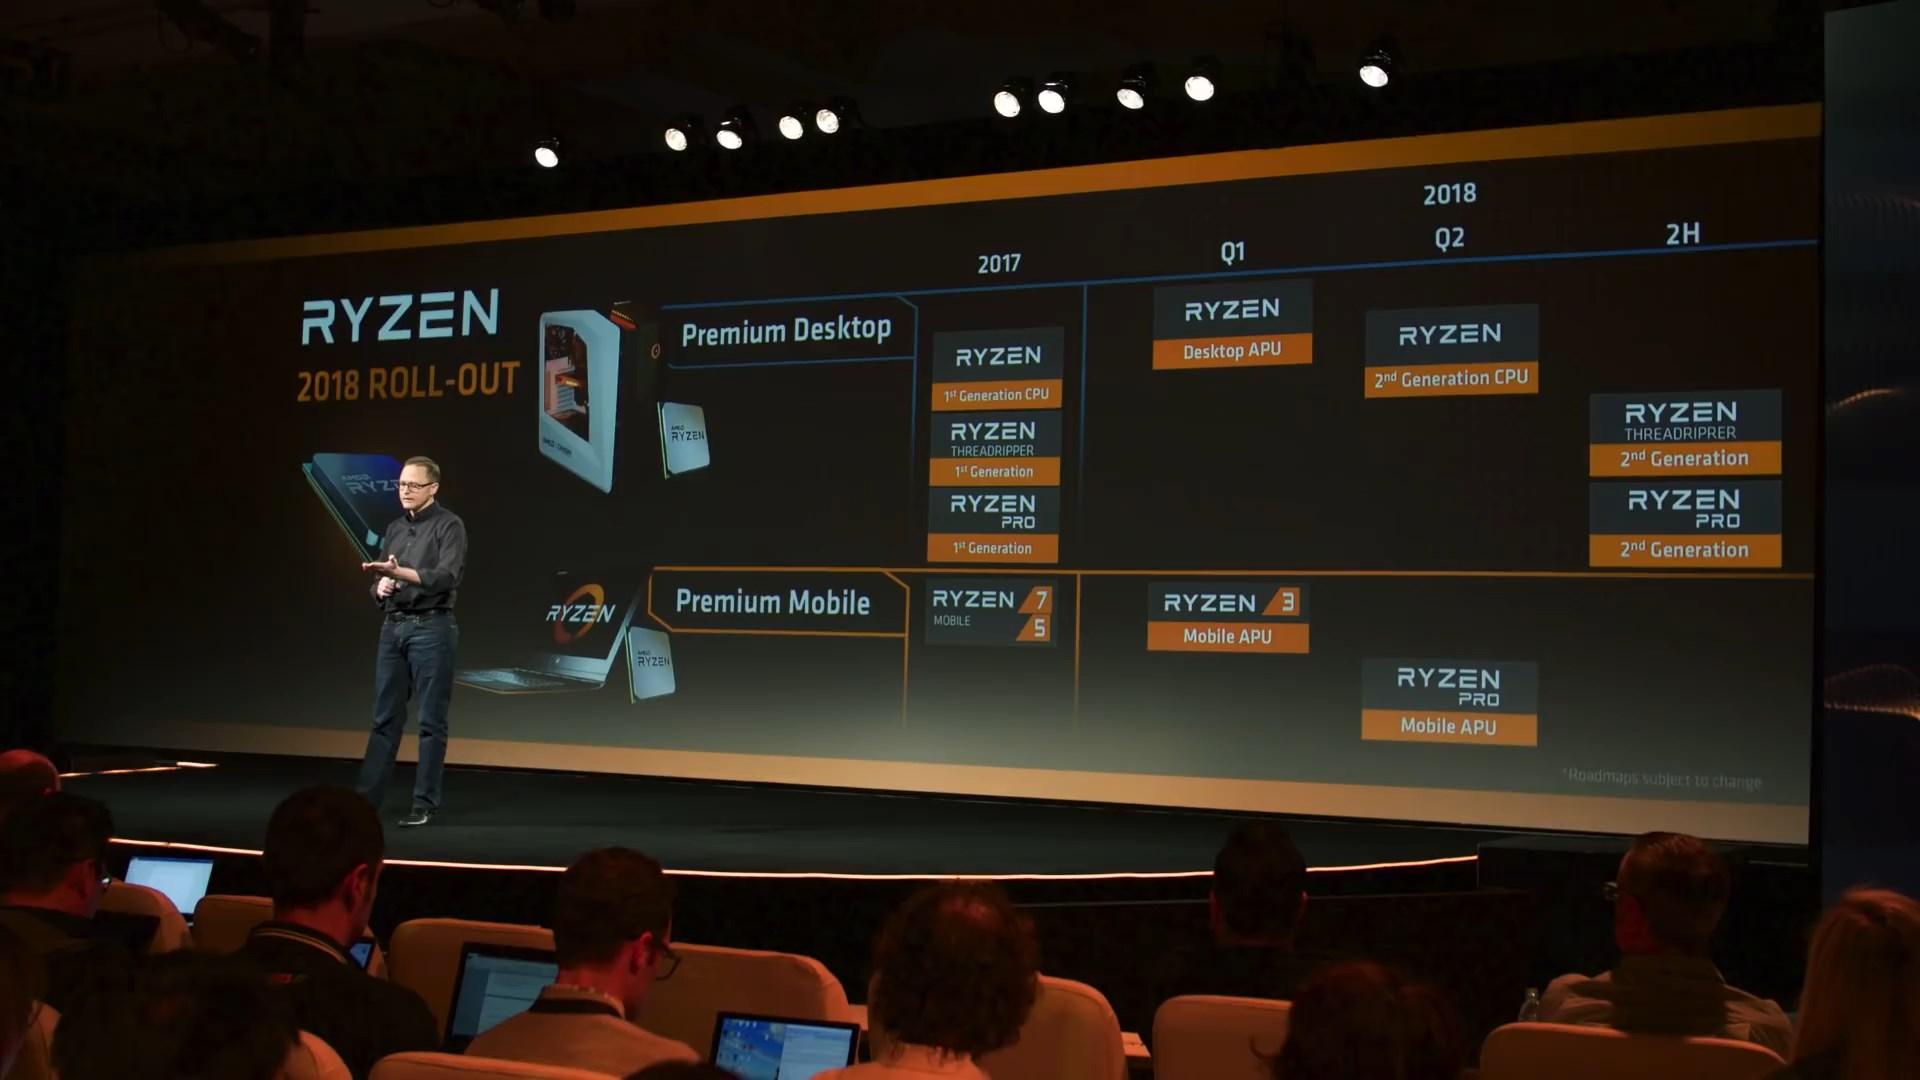 Фотография с презентации новых процессоров Ryzen: старший вице-президент AMD Джим Андерсон (Jim Anderson) на фоне слайда с планами компании